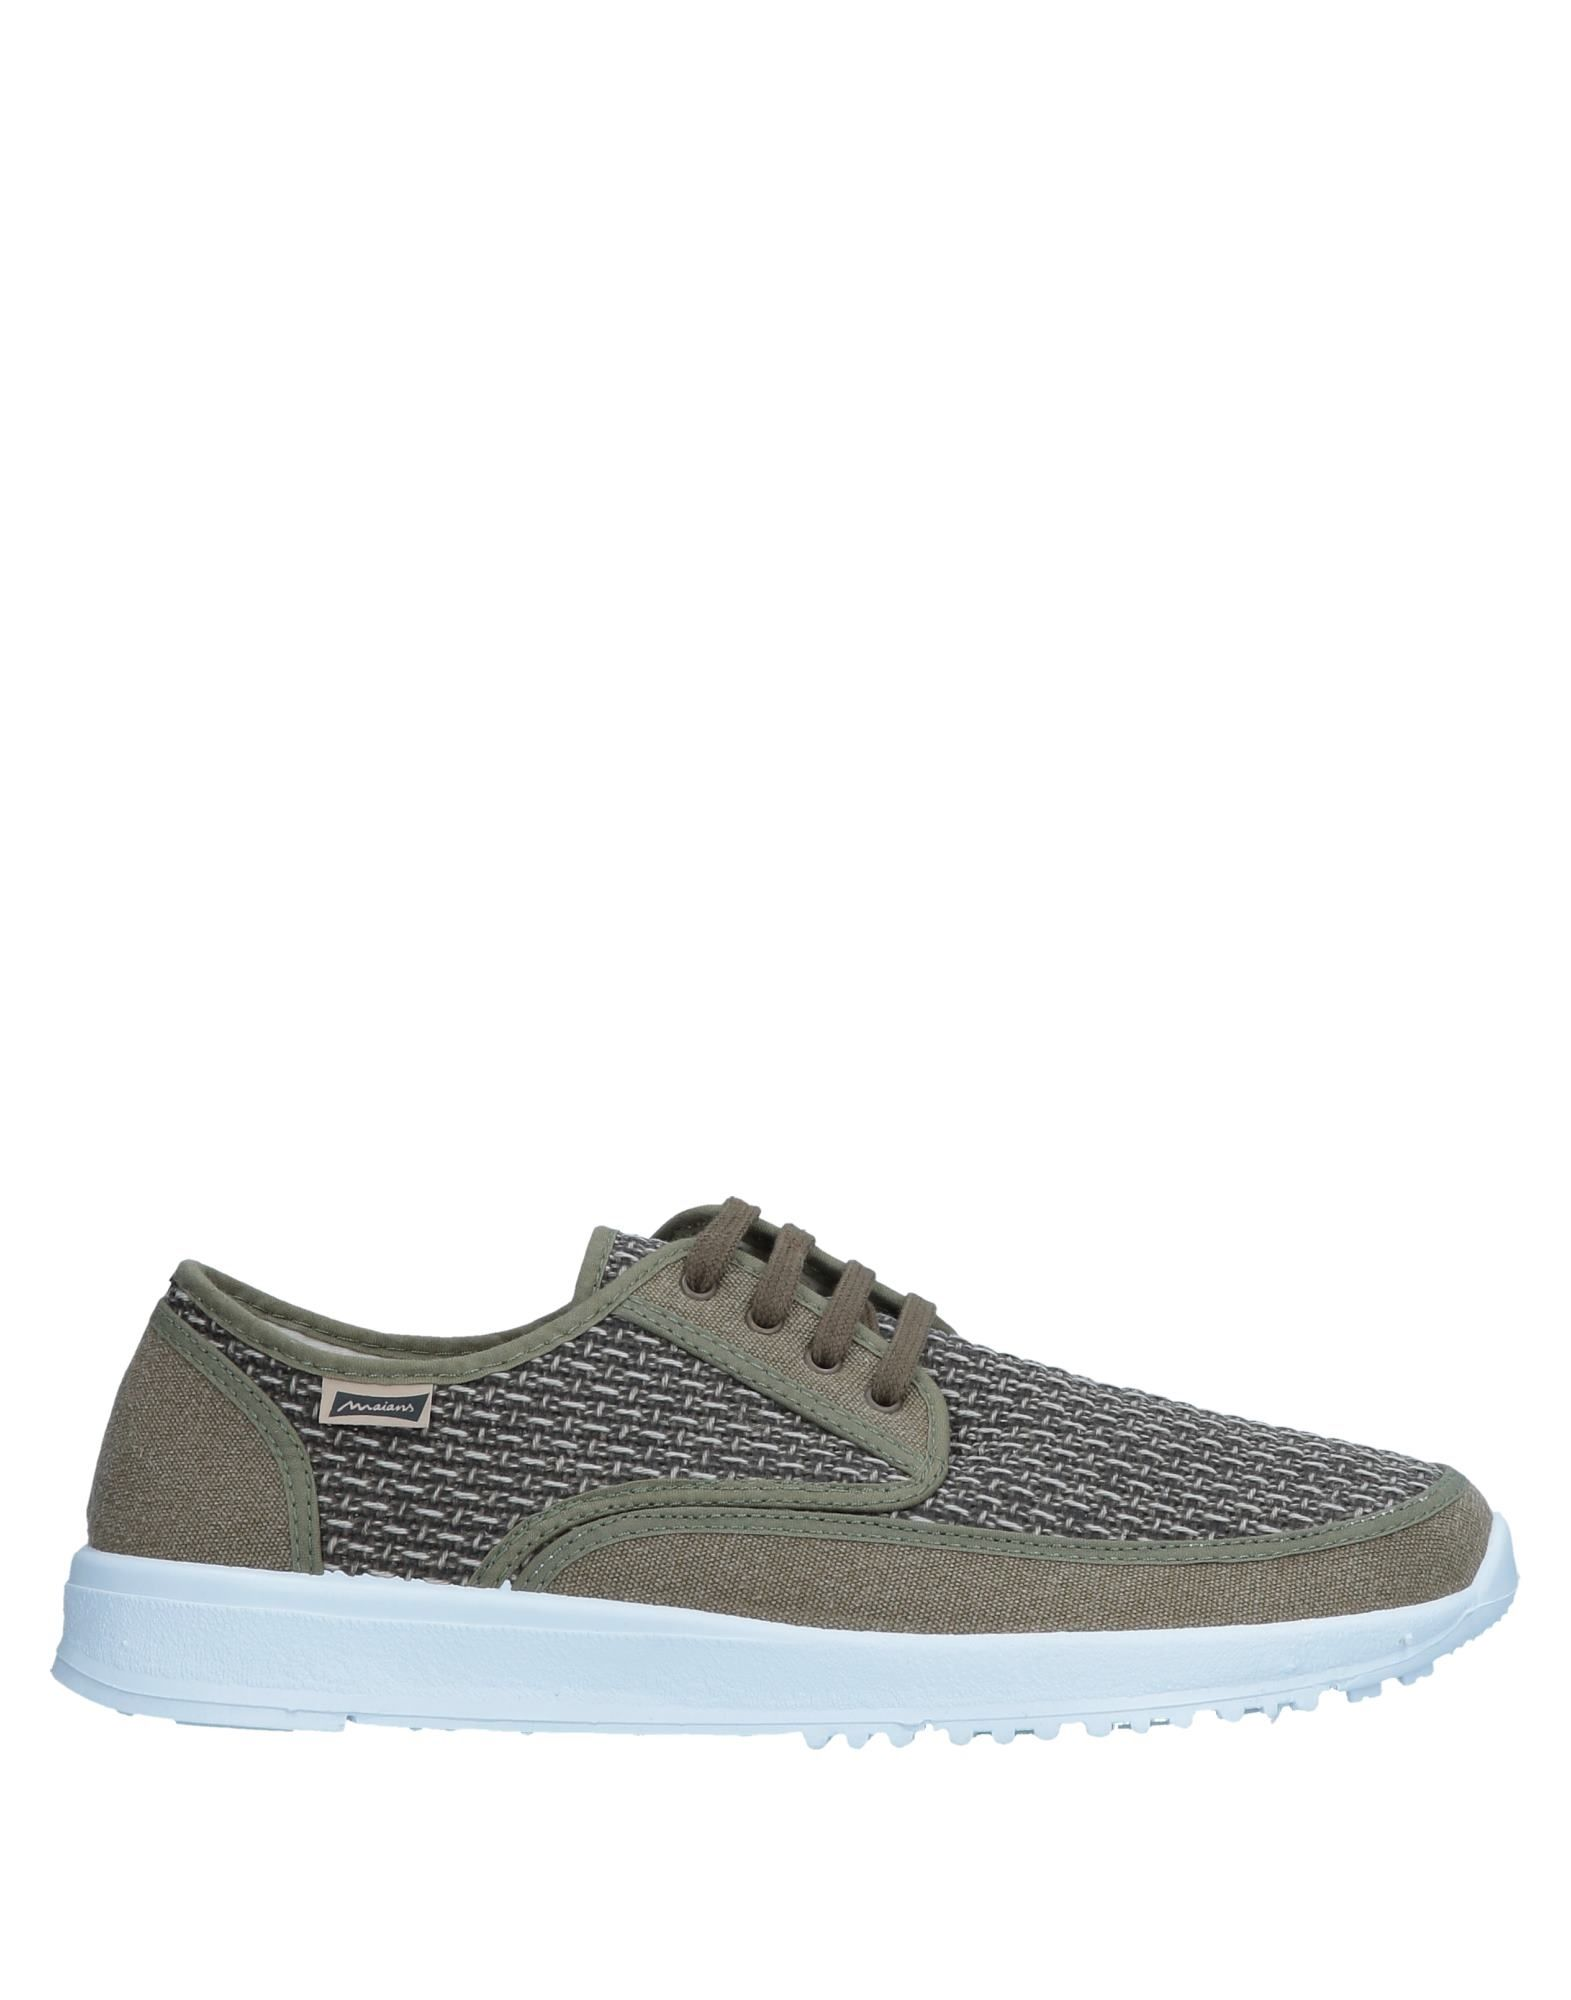 Maians Sneakers  - Men Maians Sneakers online on  Sneakers Canada - 11552378DP d7c9c7